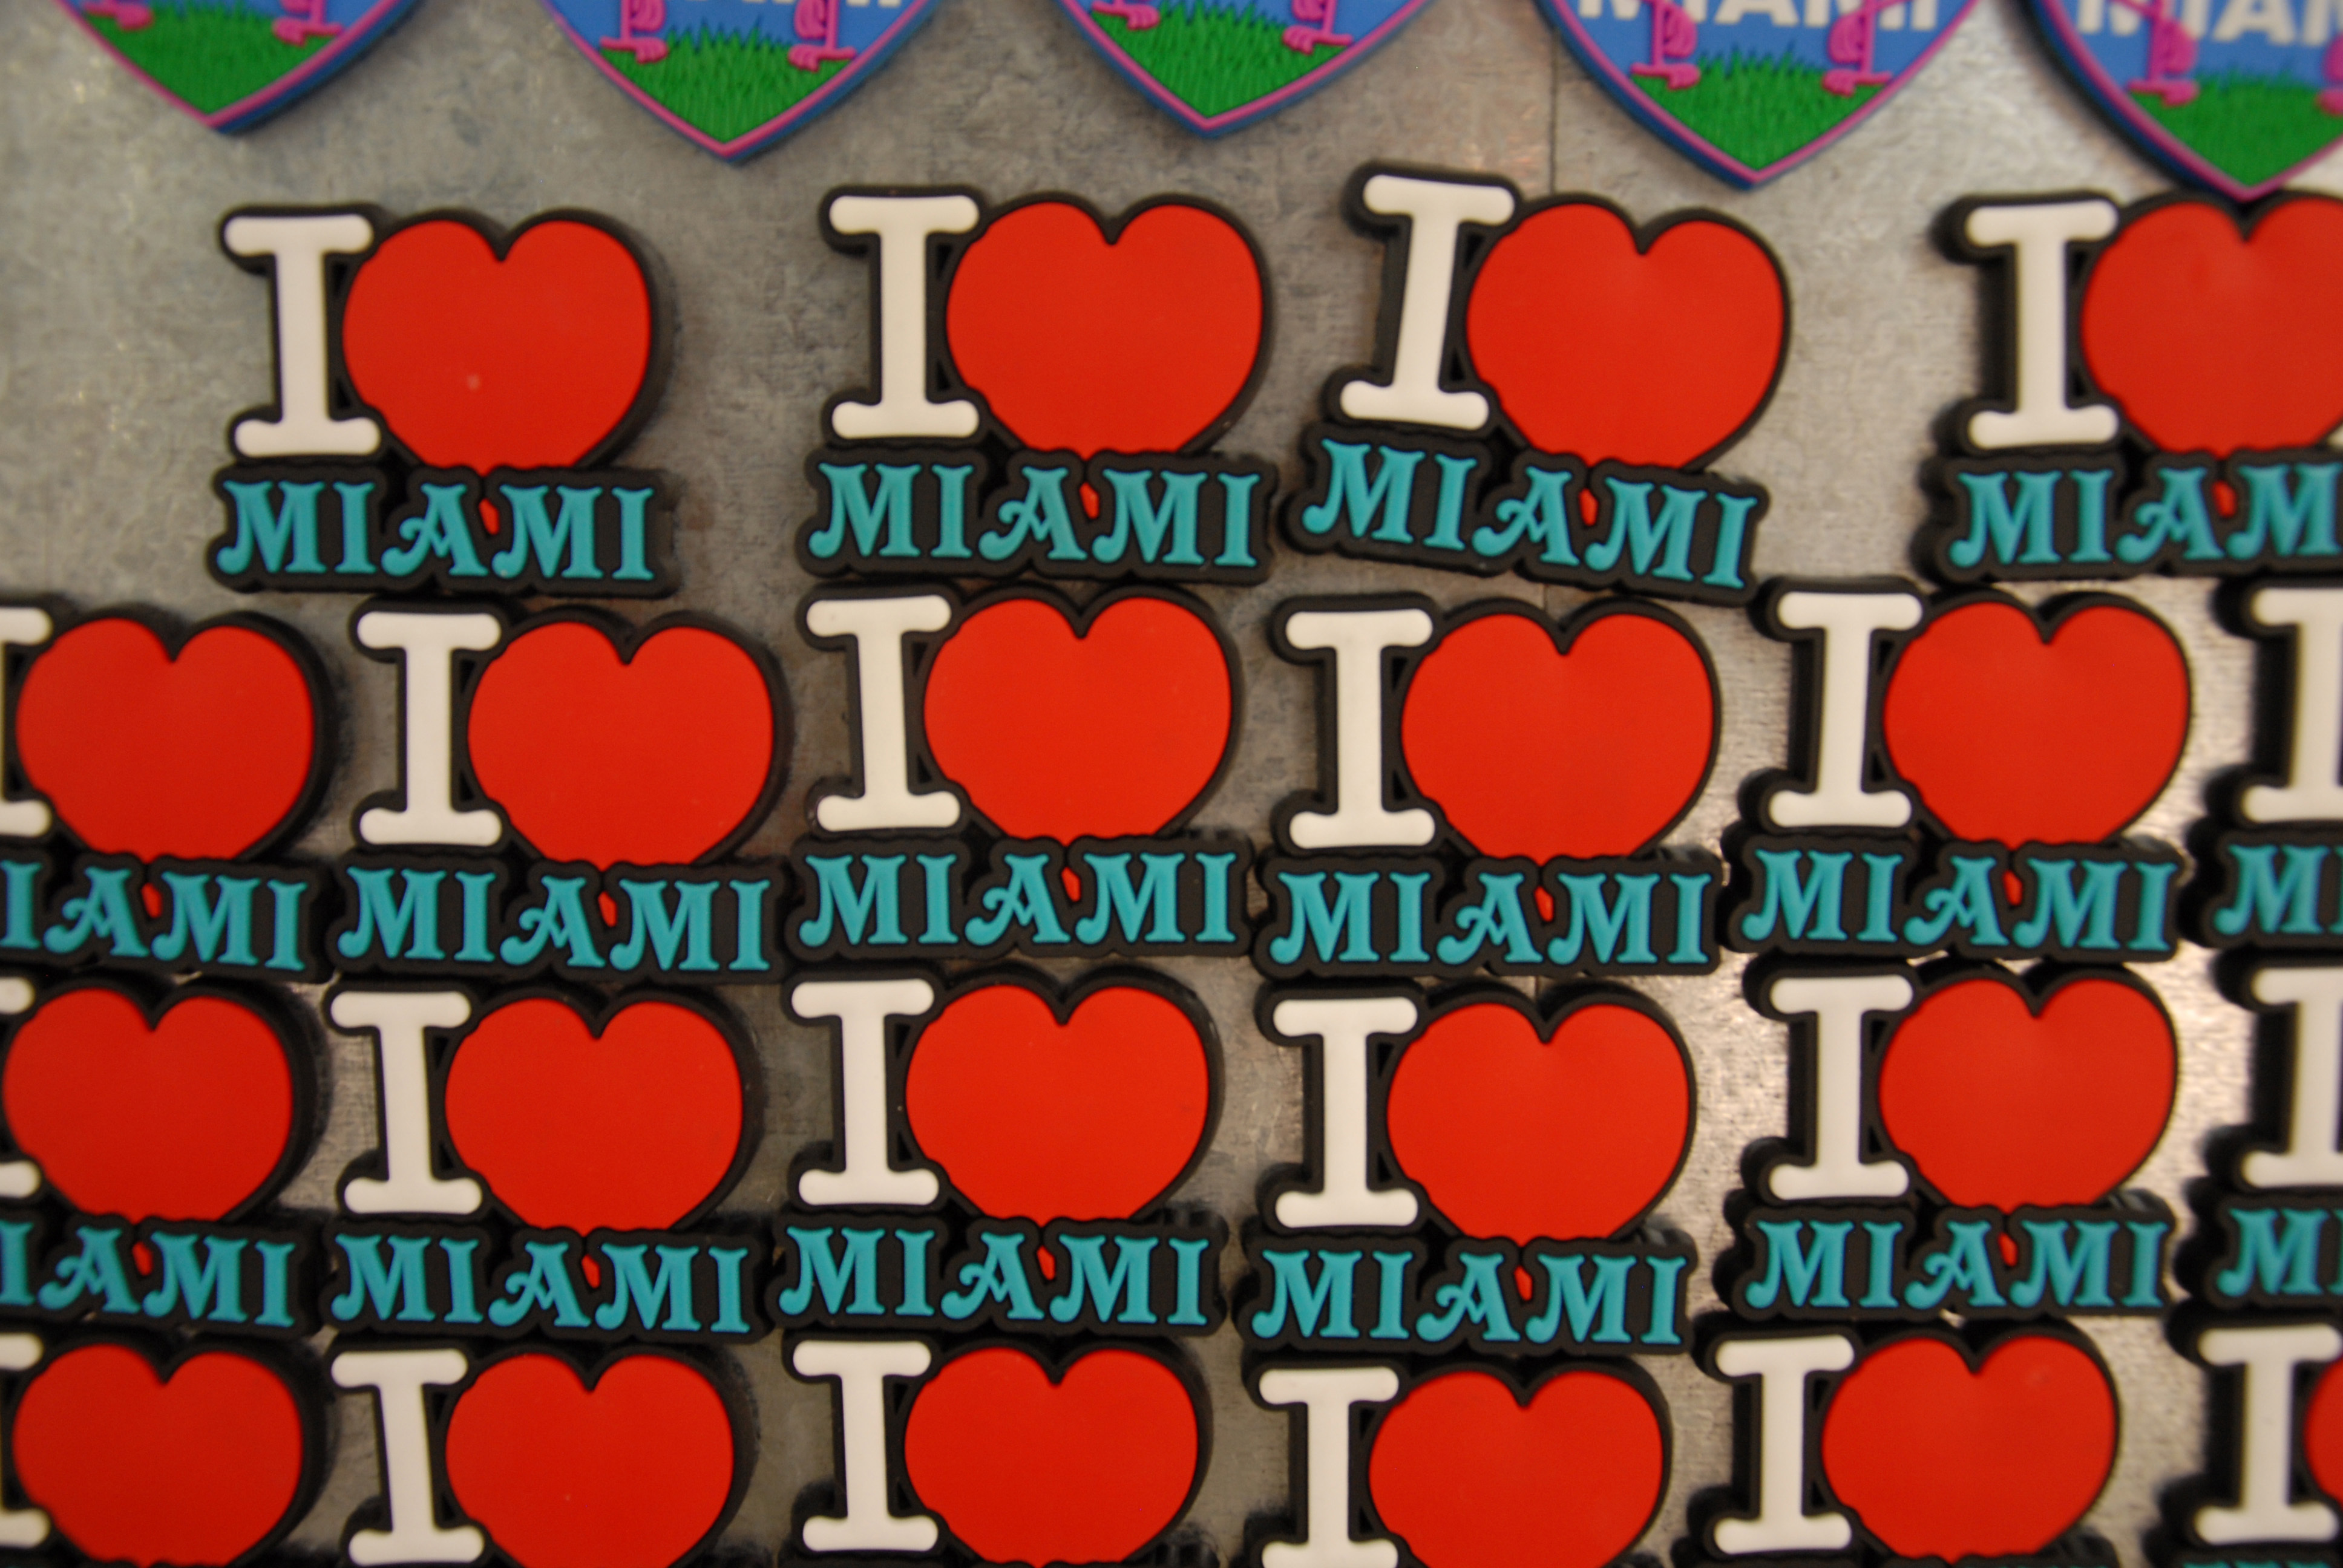 Sobra Coleção Viagem de Bolso - Compras em Miami e Orlando Ed.39 - 2012 /2013